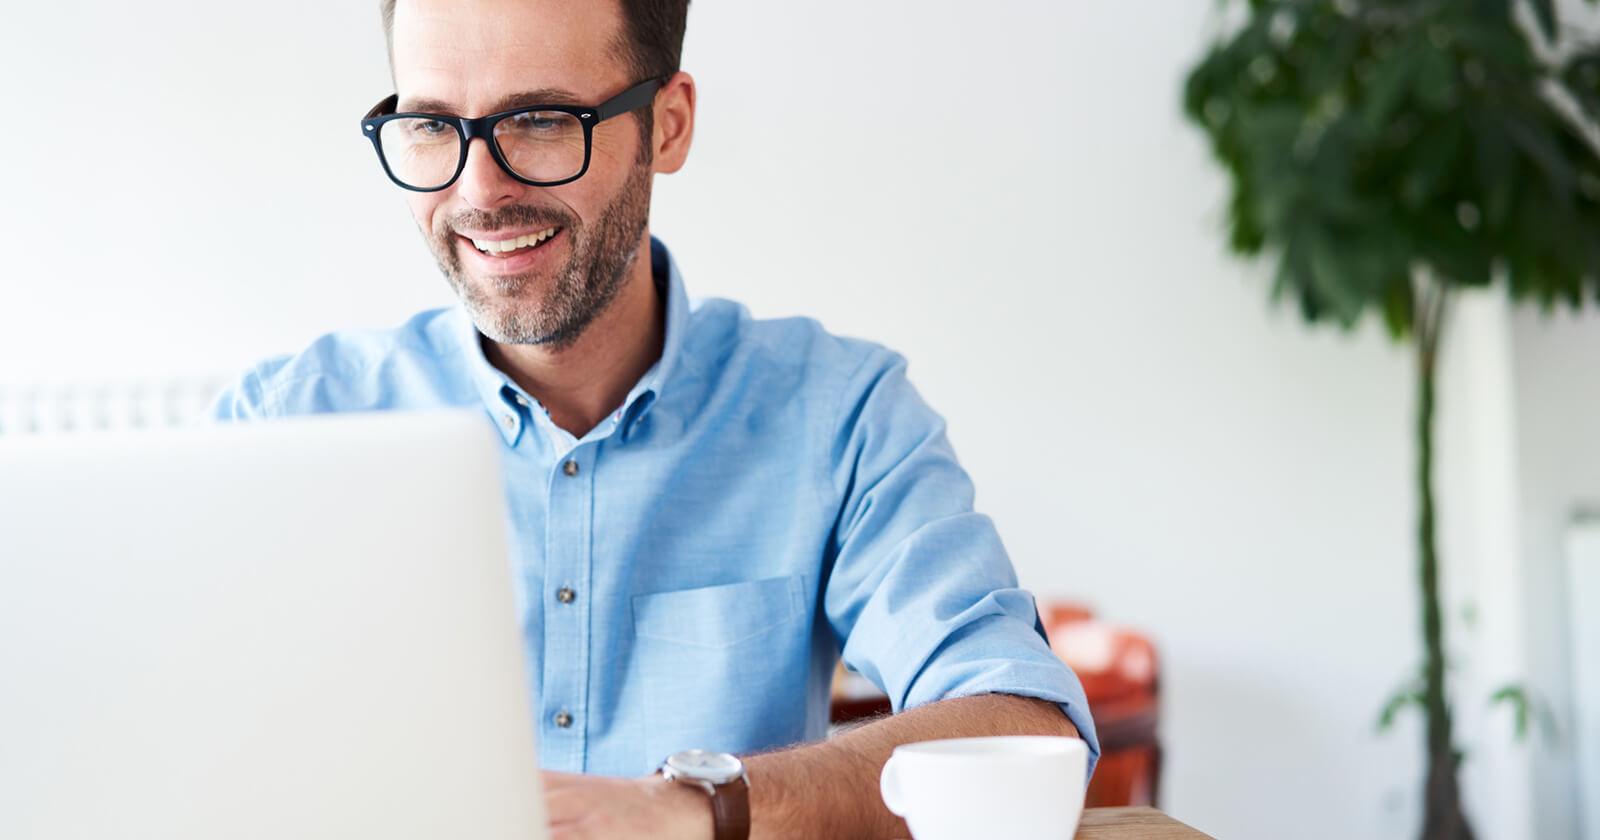 Mann macht am Laptop einen Hämorrhoiden-Selbsttest